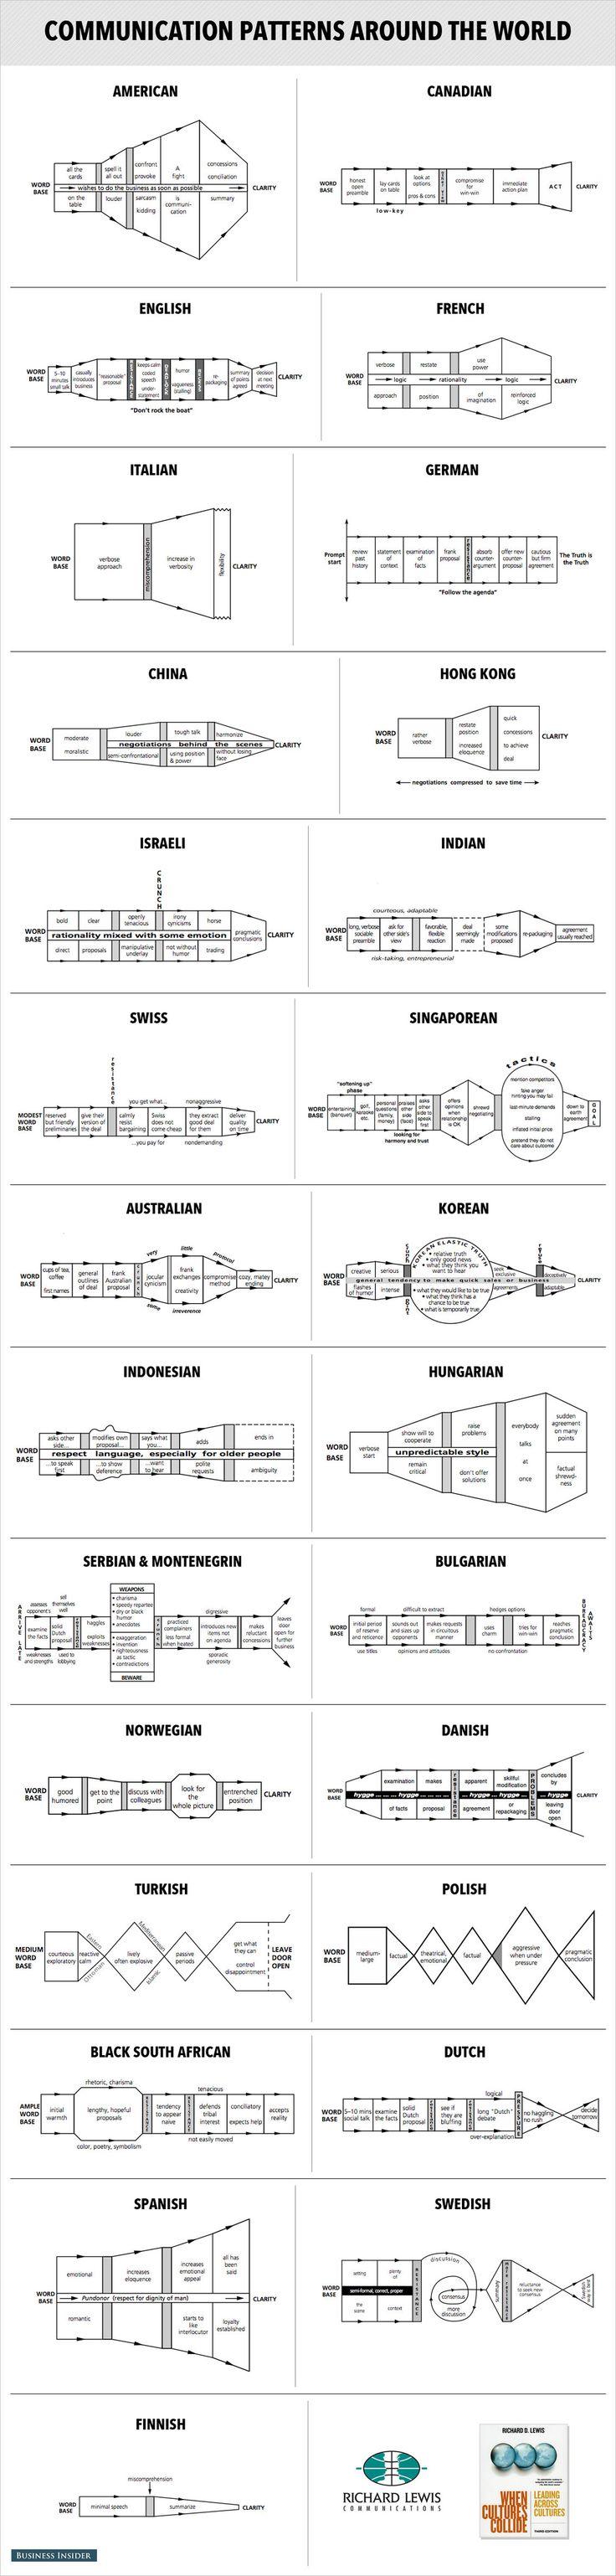 Communication Patterns Charts_03